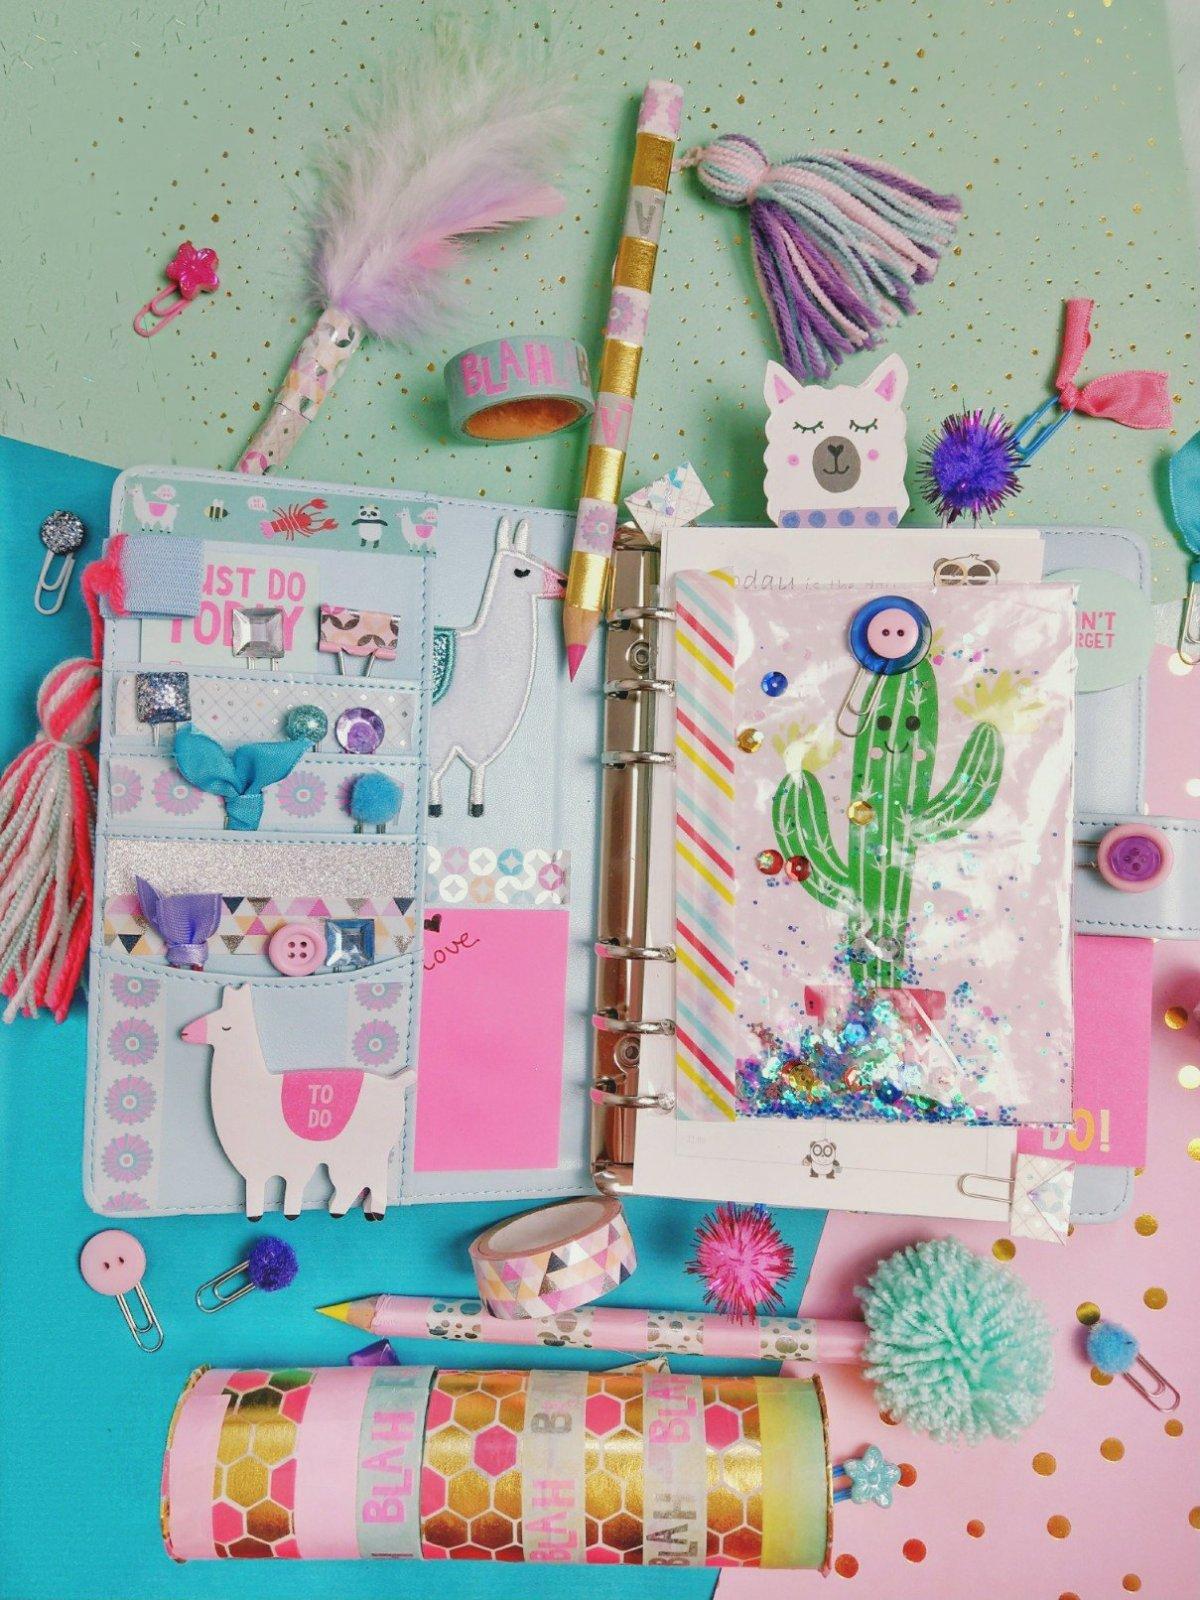 Hier zeige ich euch wie ihr Schulsachen selber machen könnt. Drei tolle Back to School Ideen, von Stifte aufpumpen über Mäppchen aus Klopapierrollen bis hin zu tollen Lesezeichen aus Büroklammern.